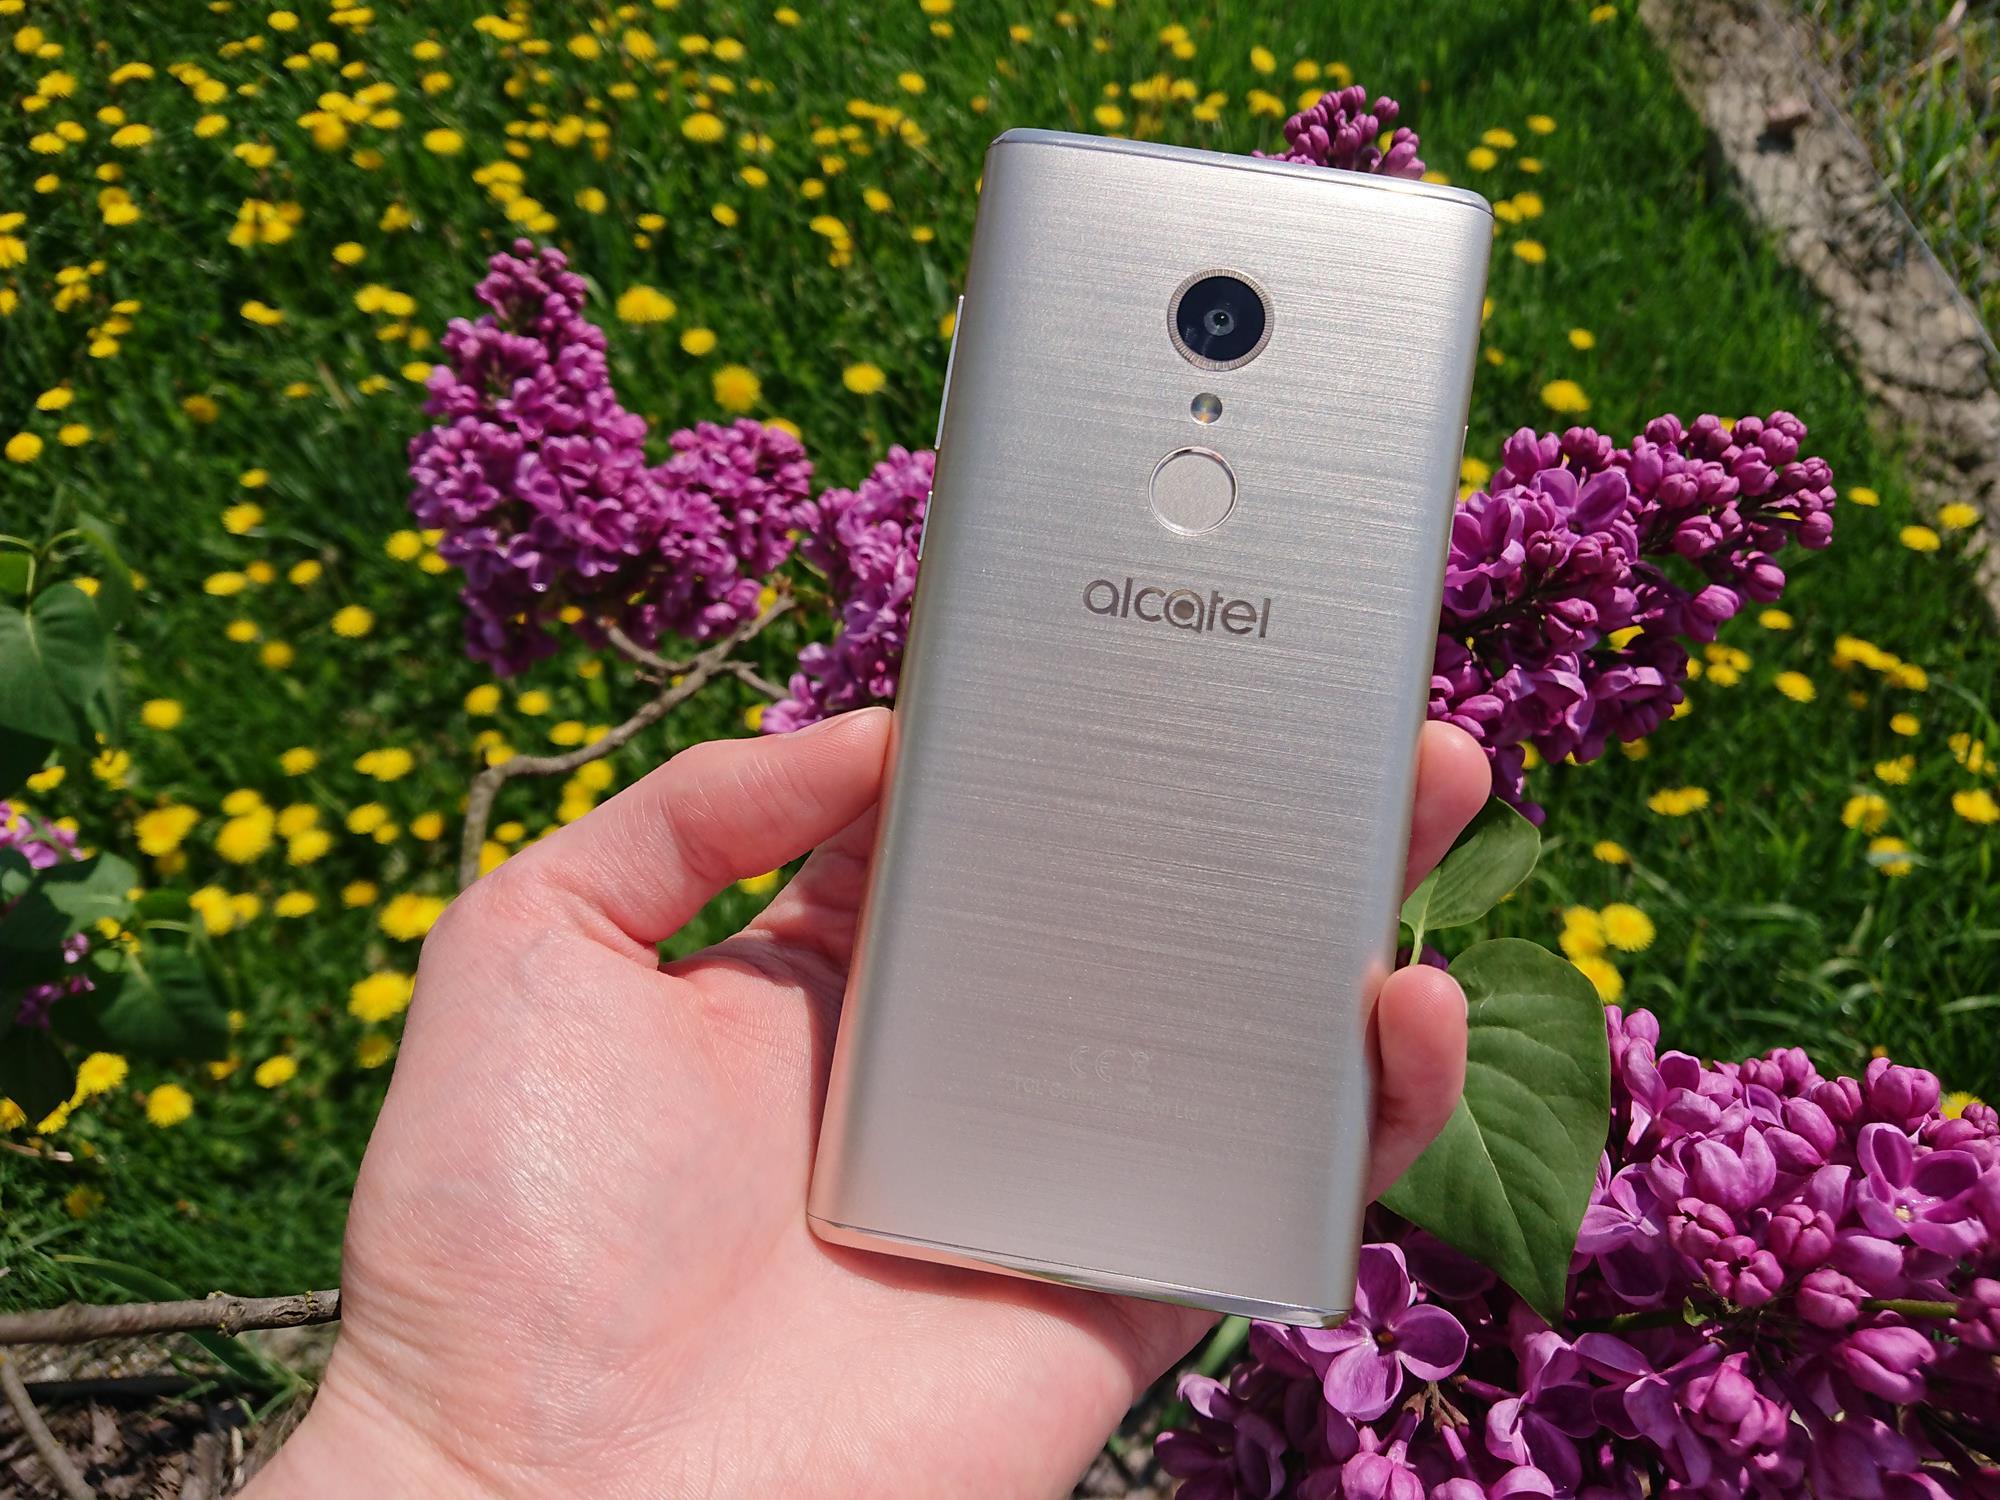 Recenzja Alcatela 5. To sprzęt, który w swojej kategorii cenowej zawstydzi niejednego smartfona 16